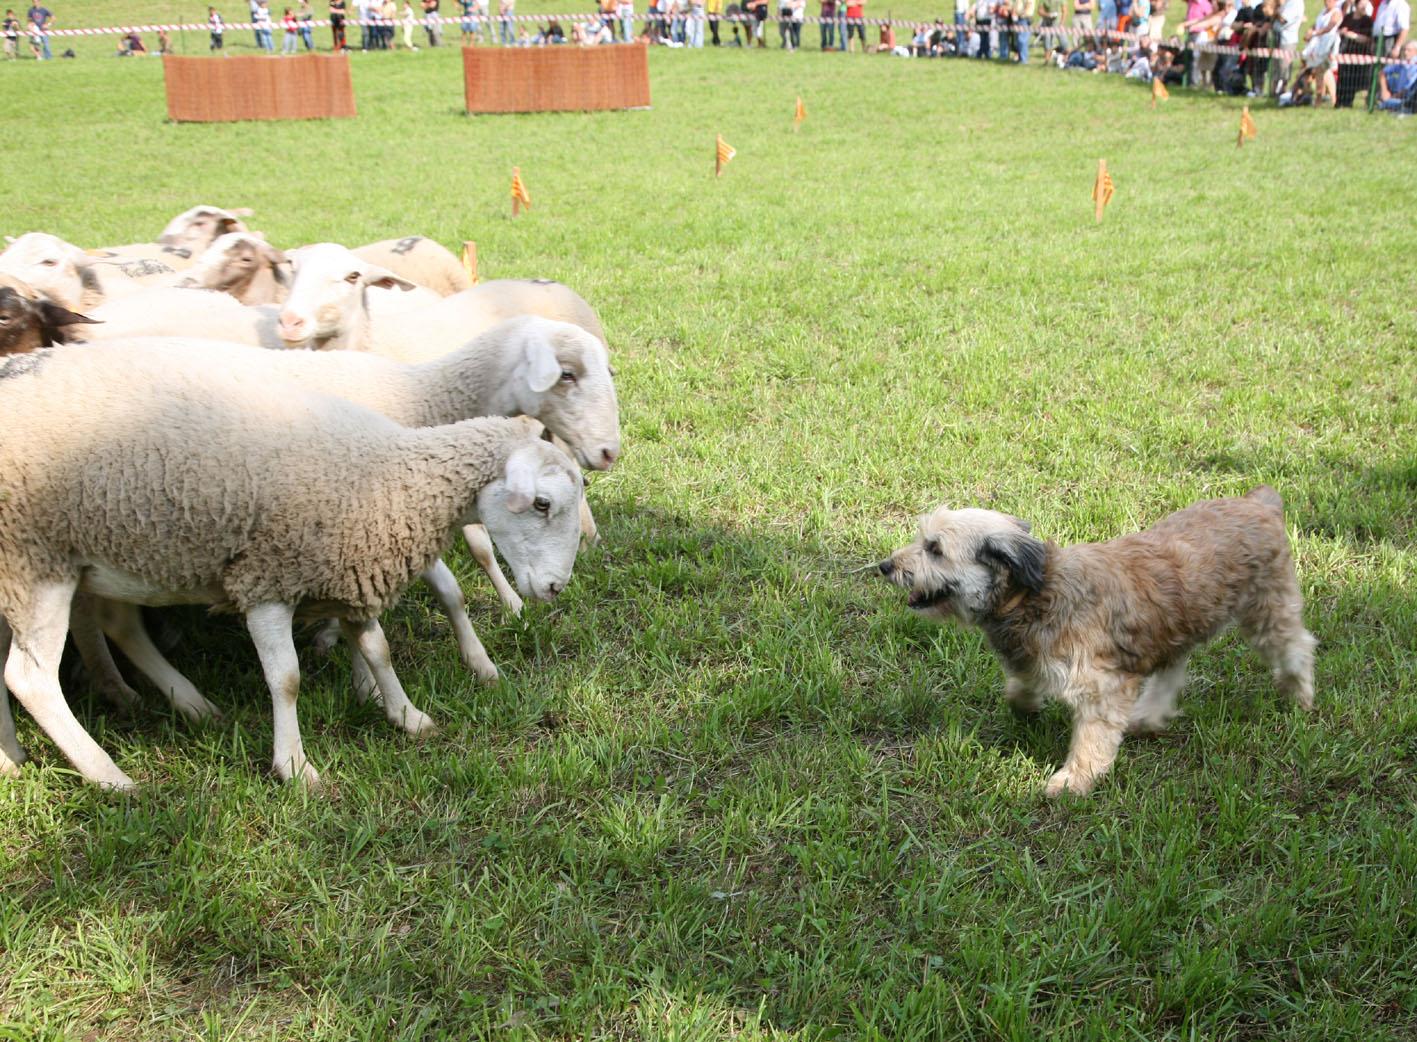 Concurs Gossos Atura Pallars. Ajt Llavorsi